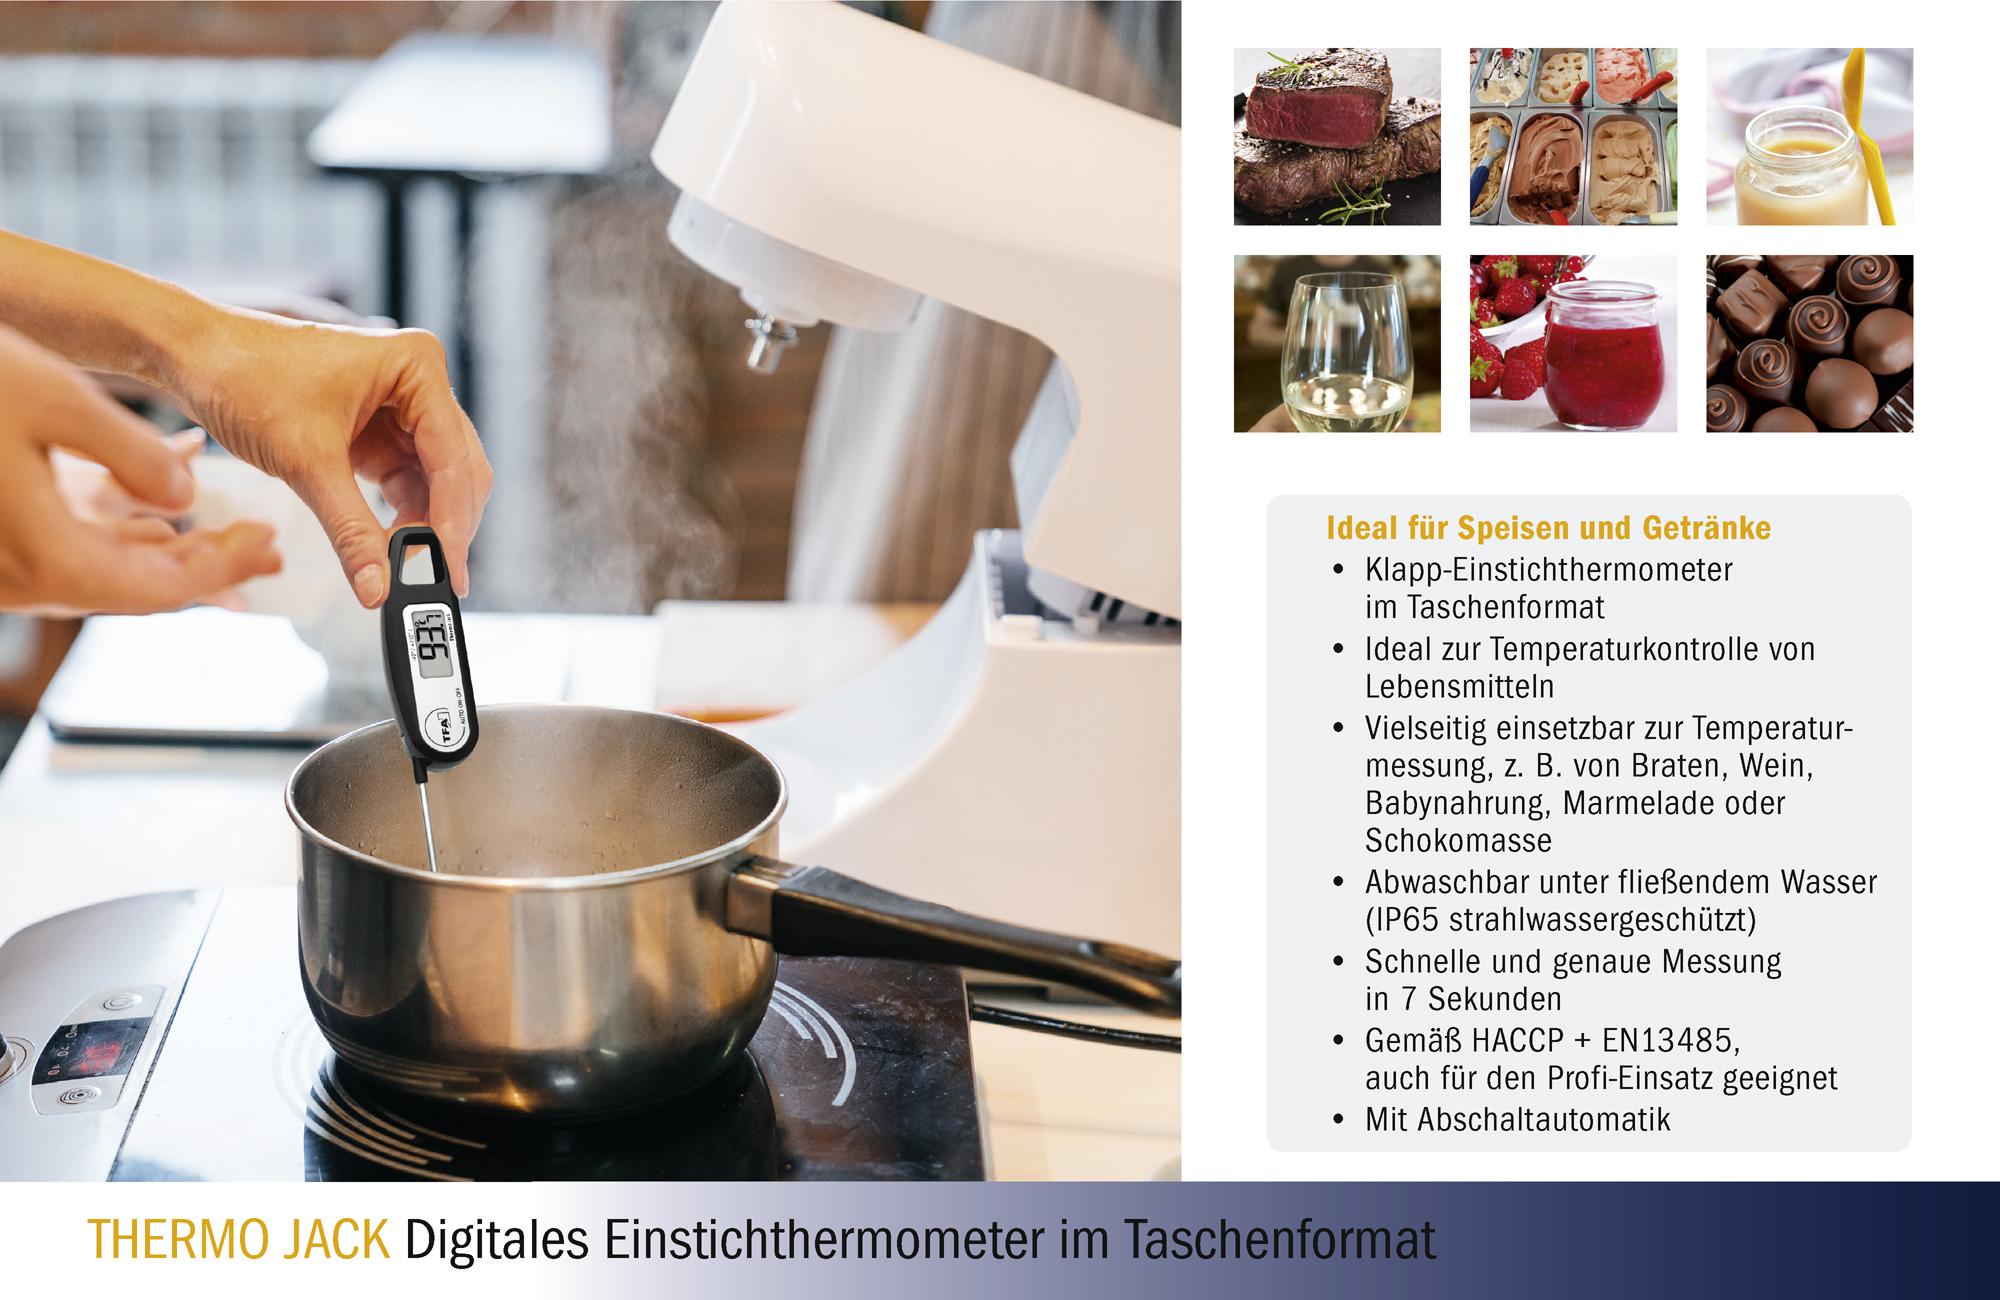 ThermoJack_Einstichthermometer_Grillen_Braten_schwarz_30104701_Vorteile.jpg